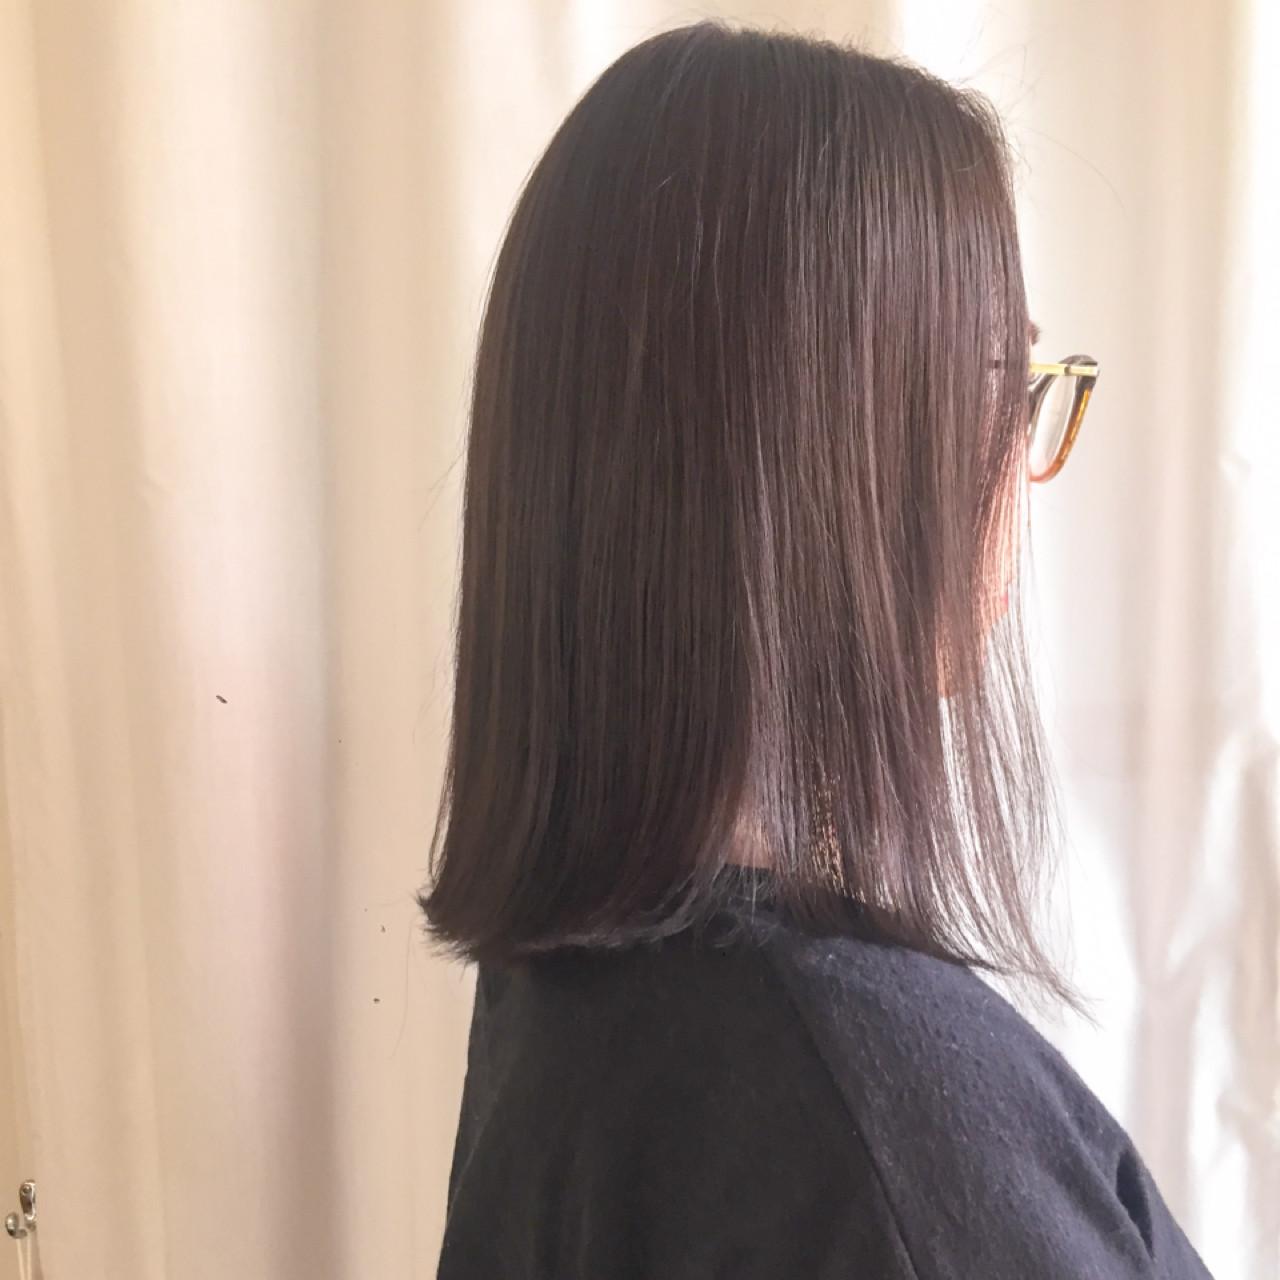 アッシュベージュ ロブ ナチュラル ミディアム ヘアスタイルや髪型の写真・画像